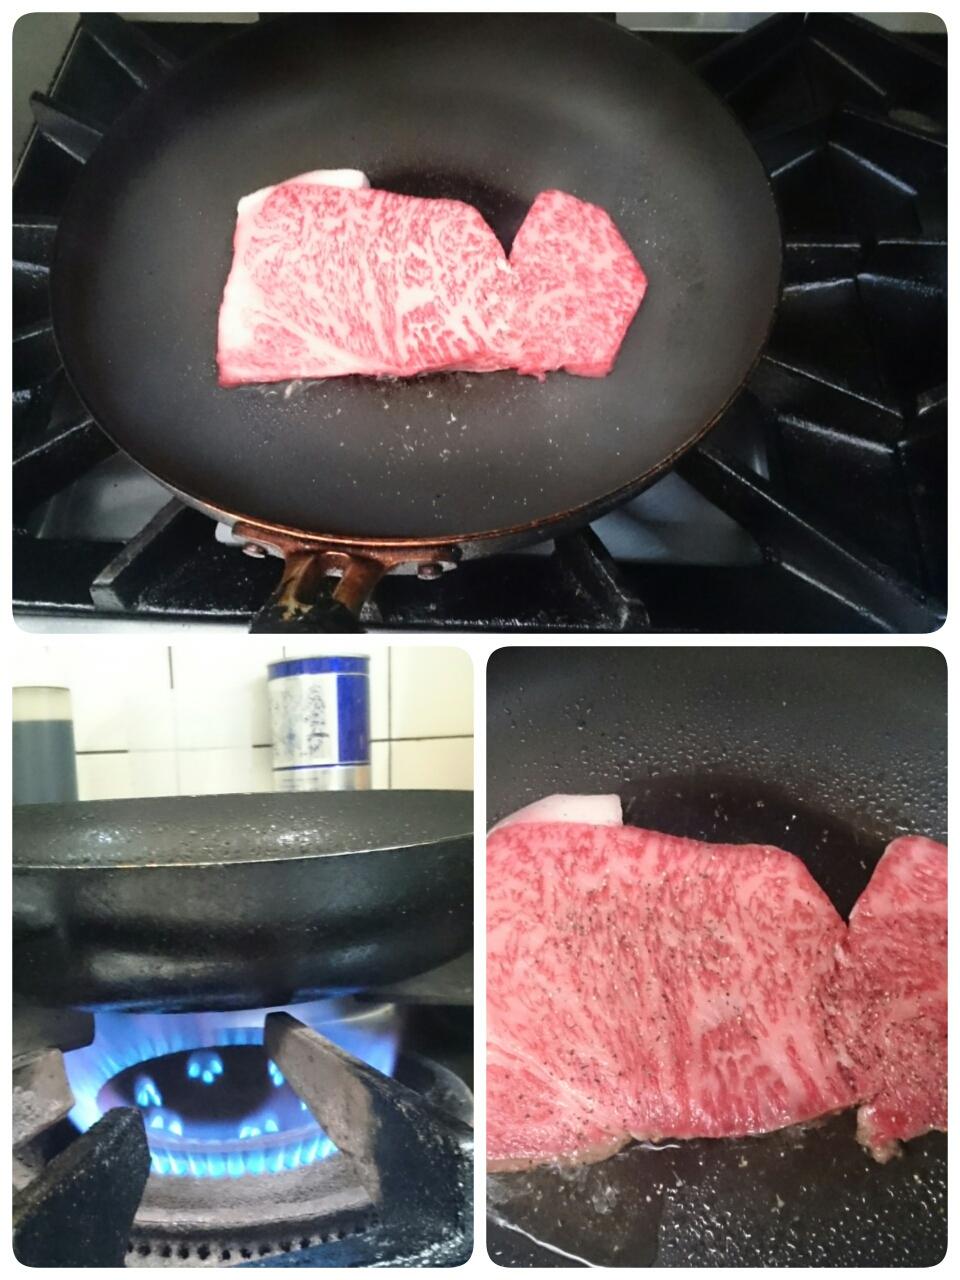 室温に戻したお肉を、よく熱したフライパンに乗せます 。火は中火で、そこで塩コショウをふってください